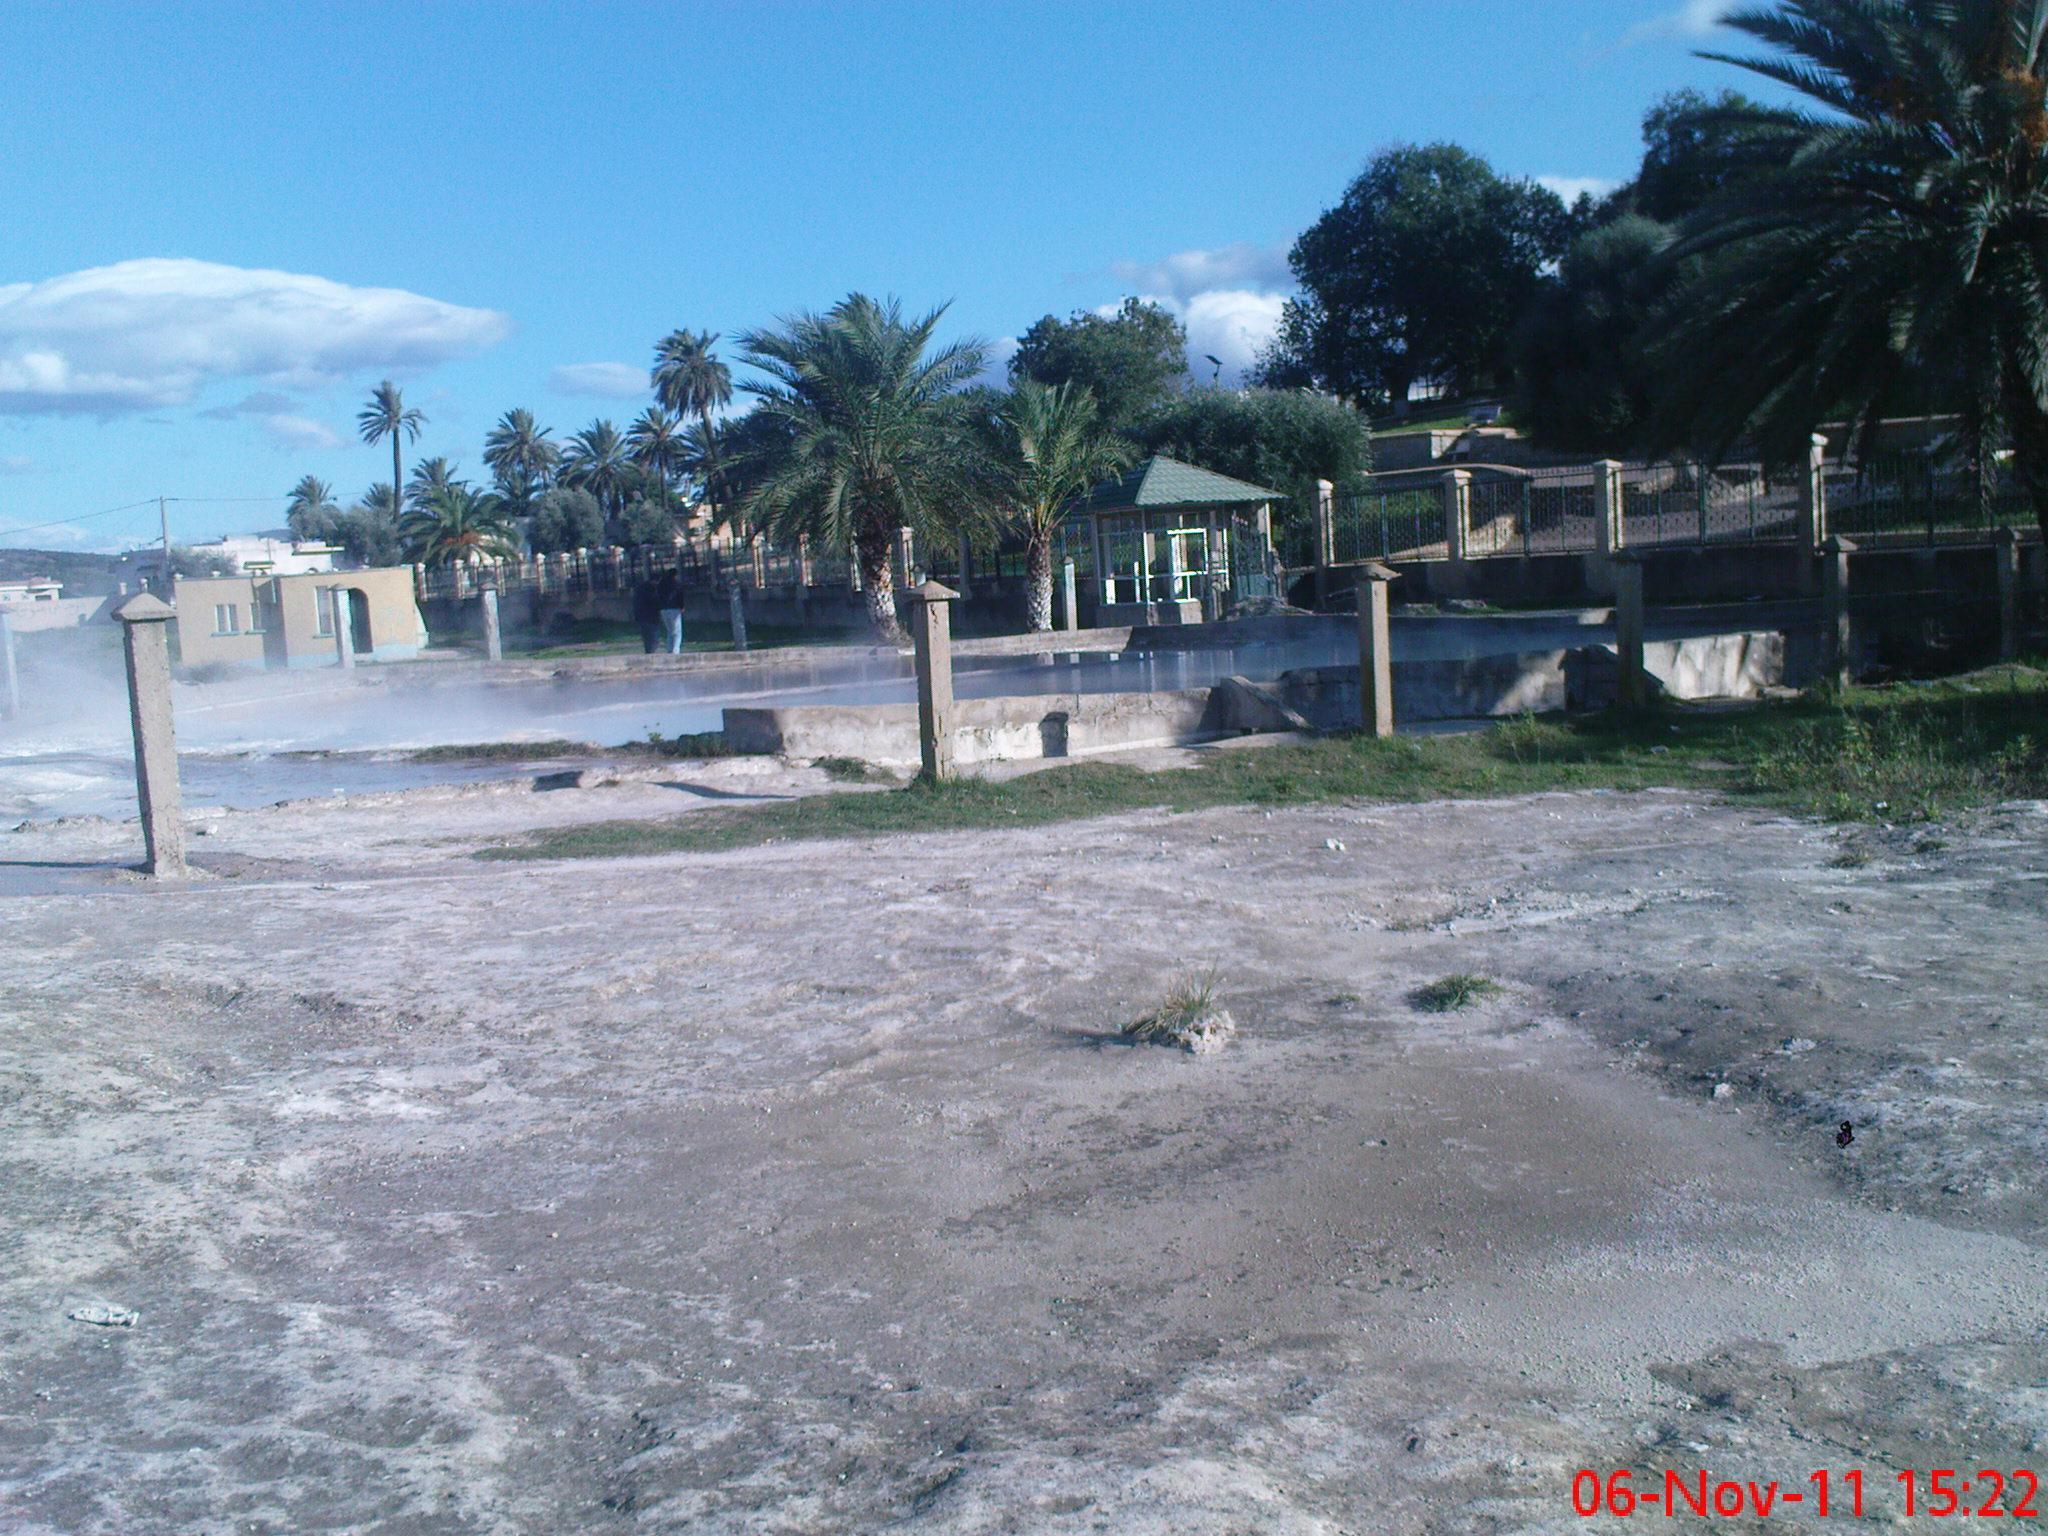 صور حصرية من حمام الشلالة حمام دباغ 938220561